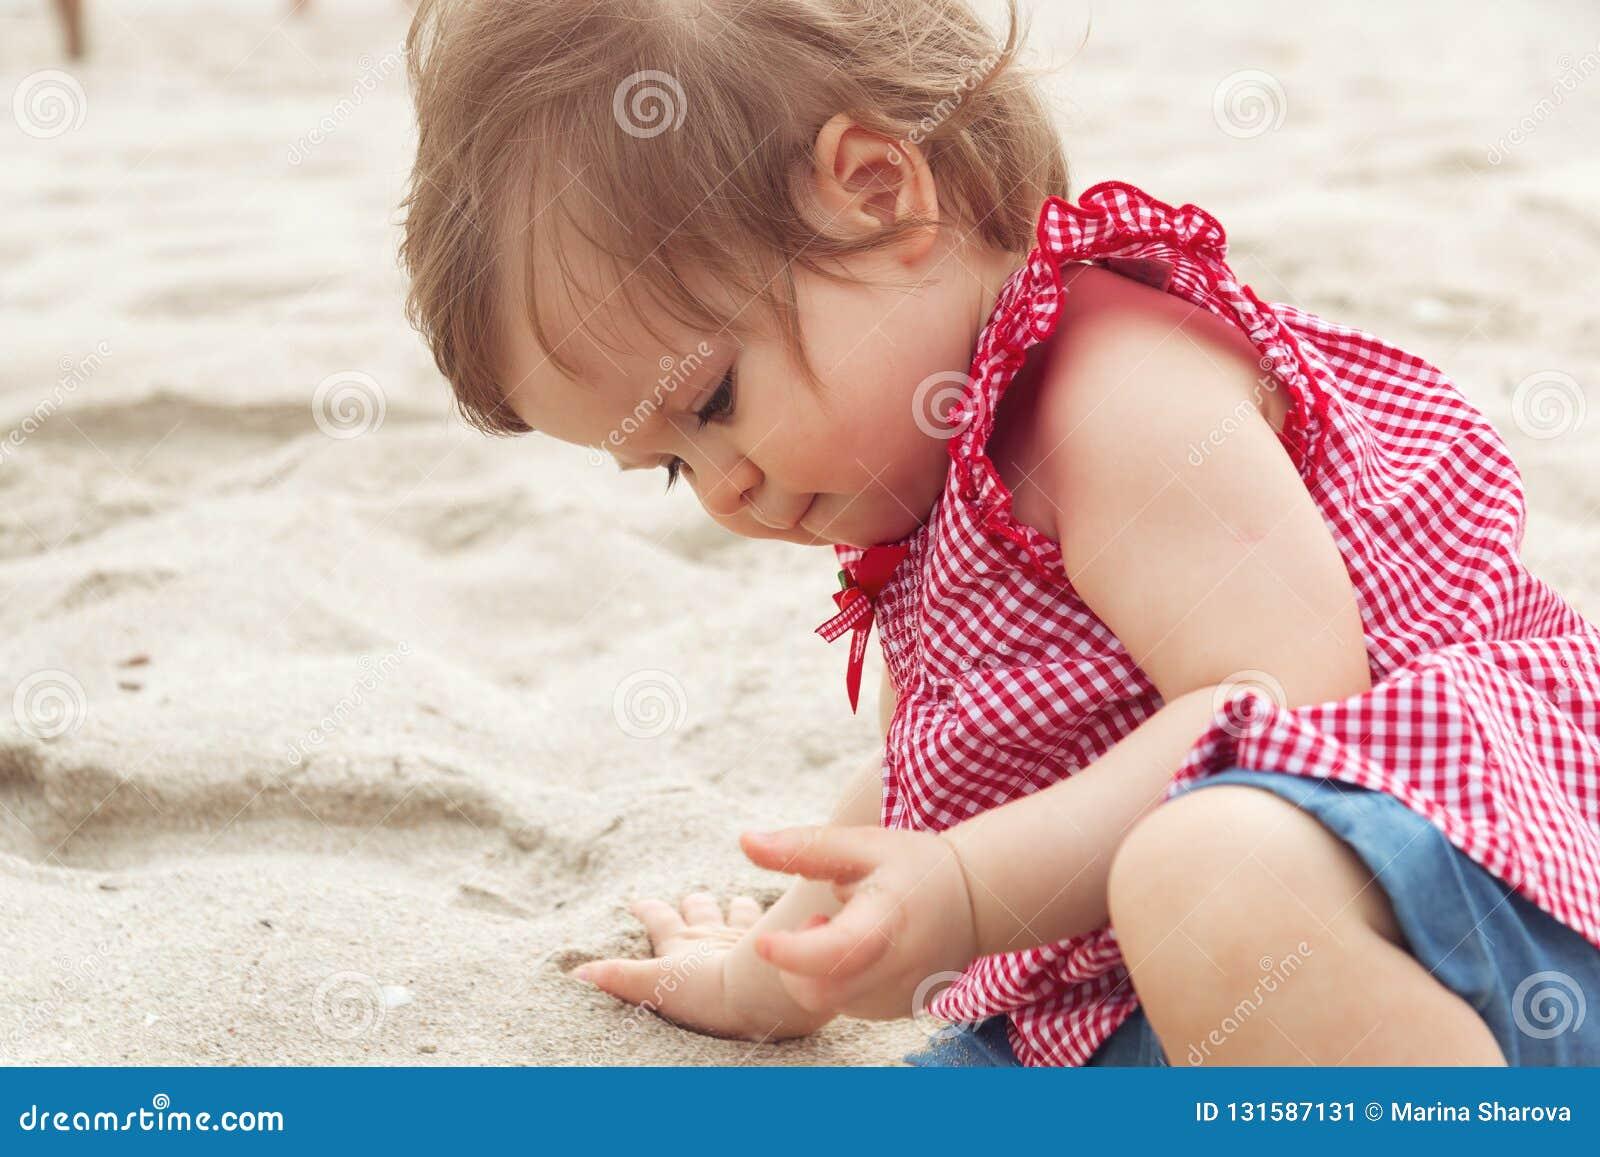 παιδί ονειροπόλο Χαριτωμένο σκοτεινός-μαλλιαρό παιδί μικροσκοπικό λίγη συνεδρίαση κοριτσάκι παιδιών στα ισχία και παιχνίδι με την